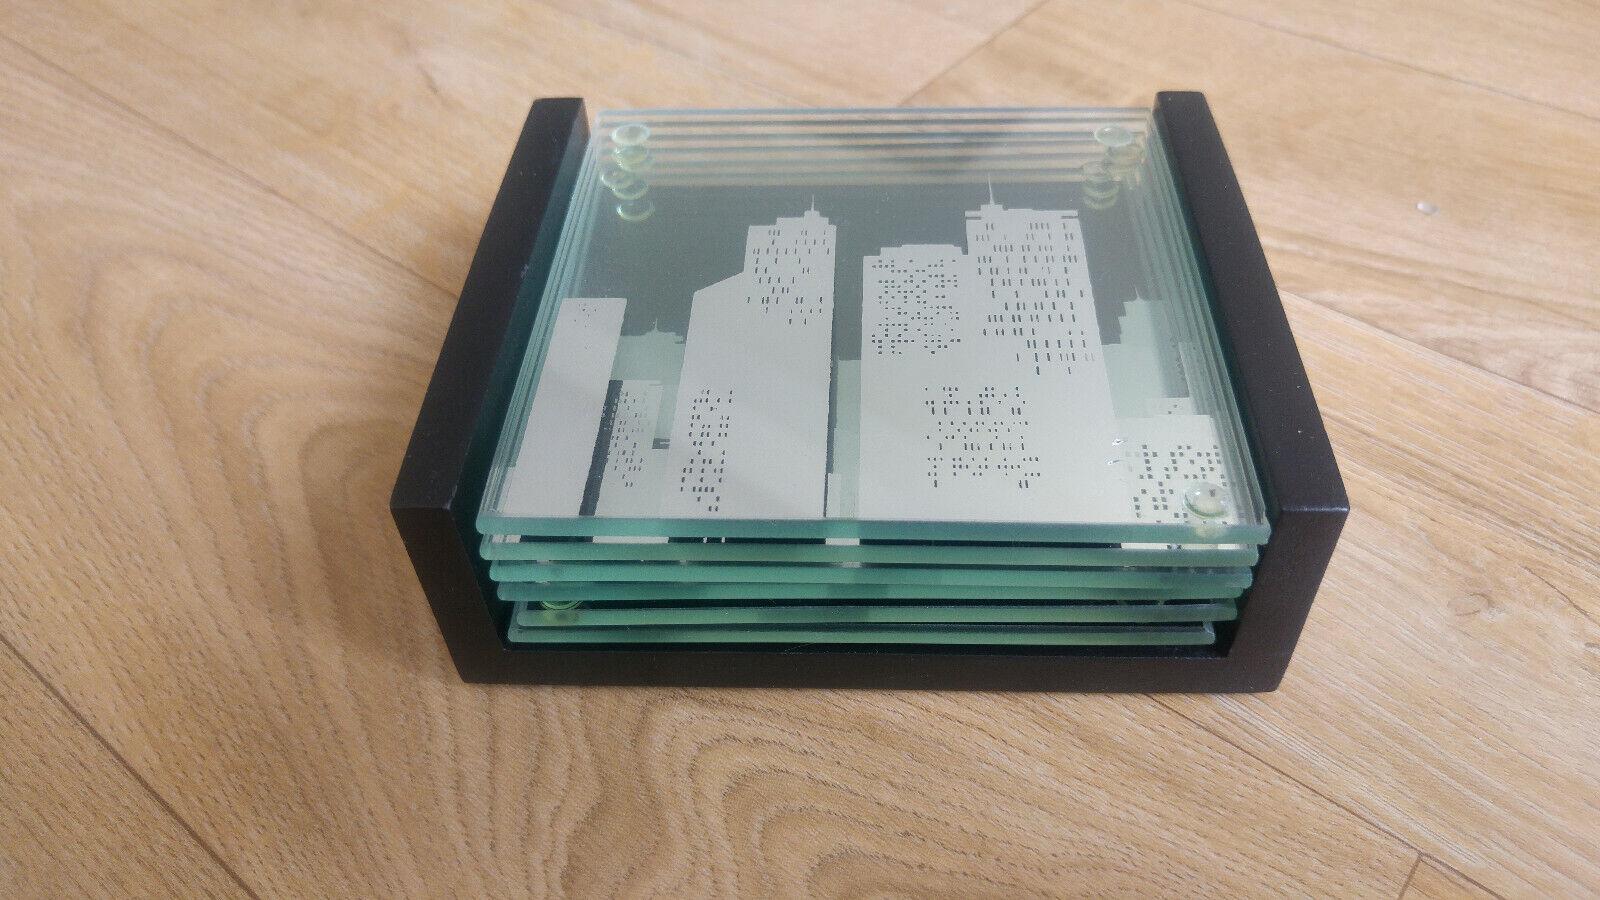 6 dessous de verre en verre(10x10cm) avec support en bois.